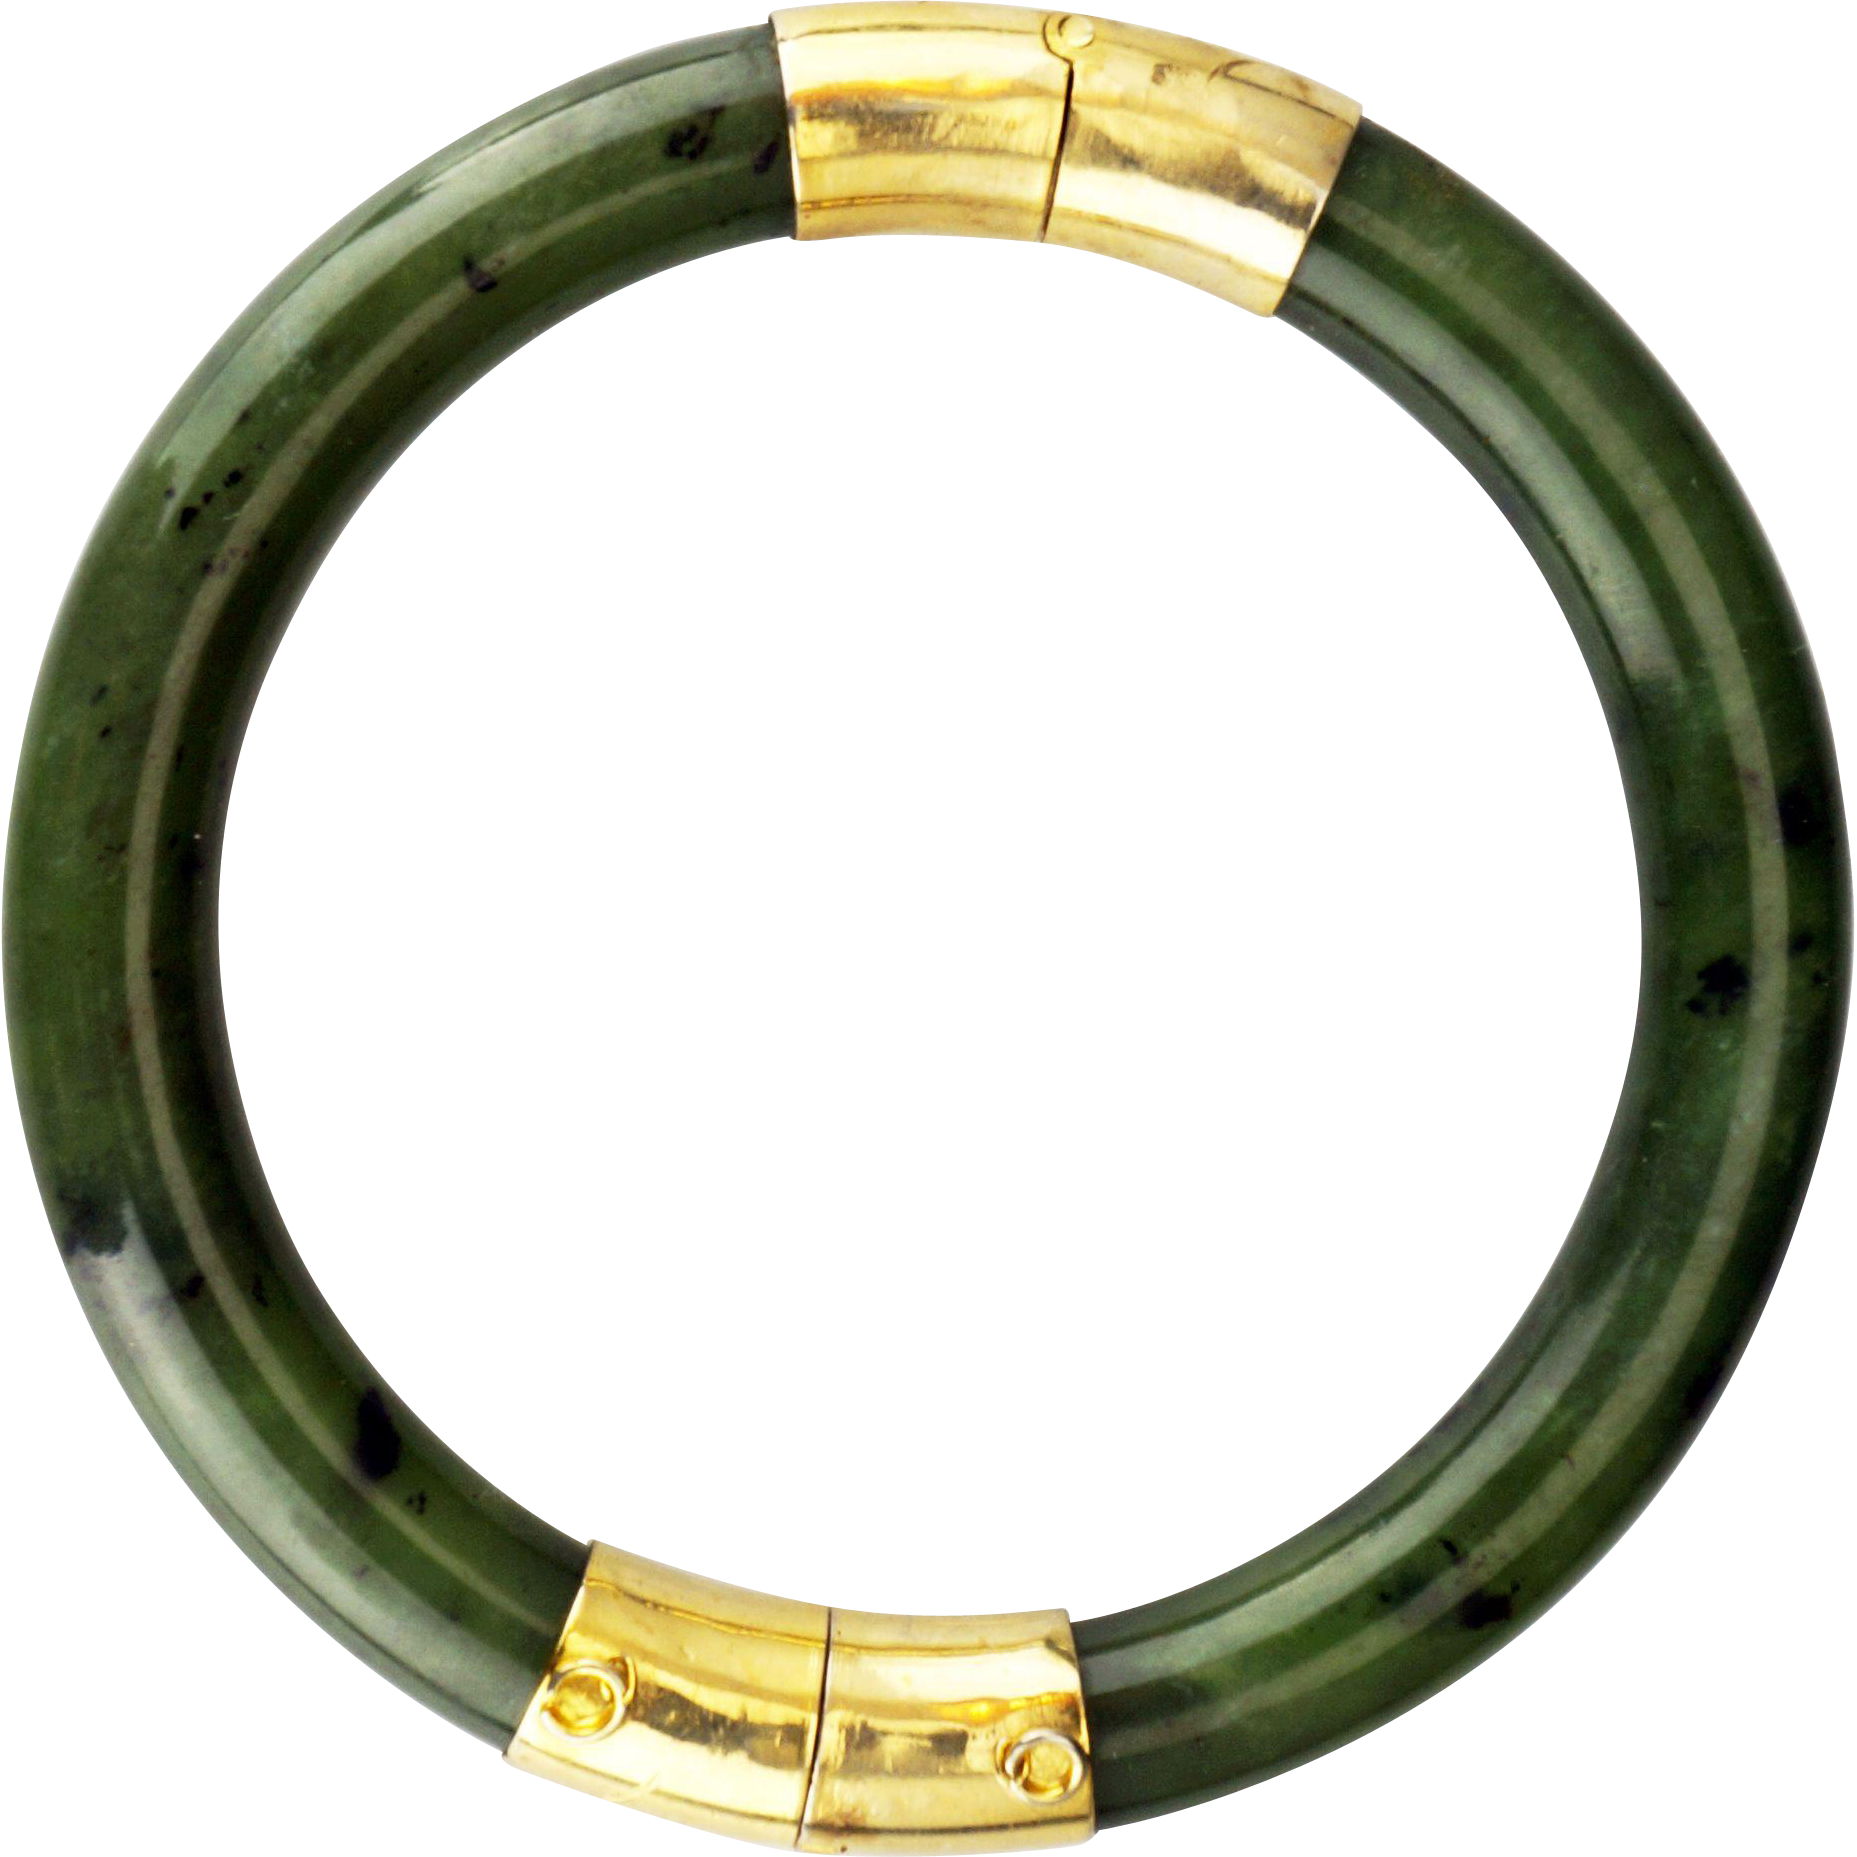 f3026bc9908 Vintage Chinese Nephrite jade bangle bracelet with goldtone hinge ...